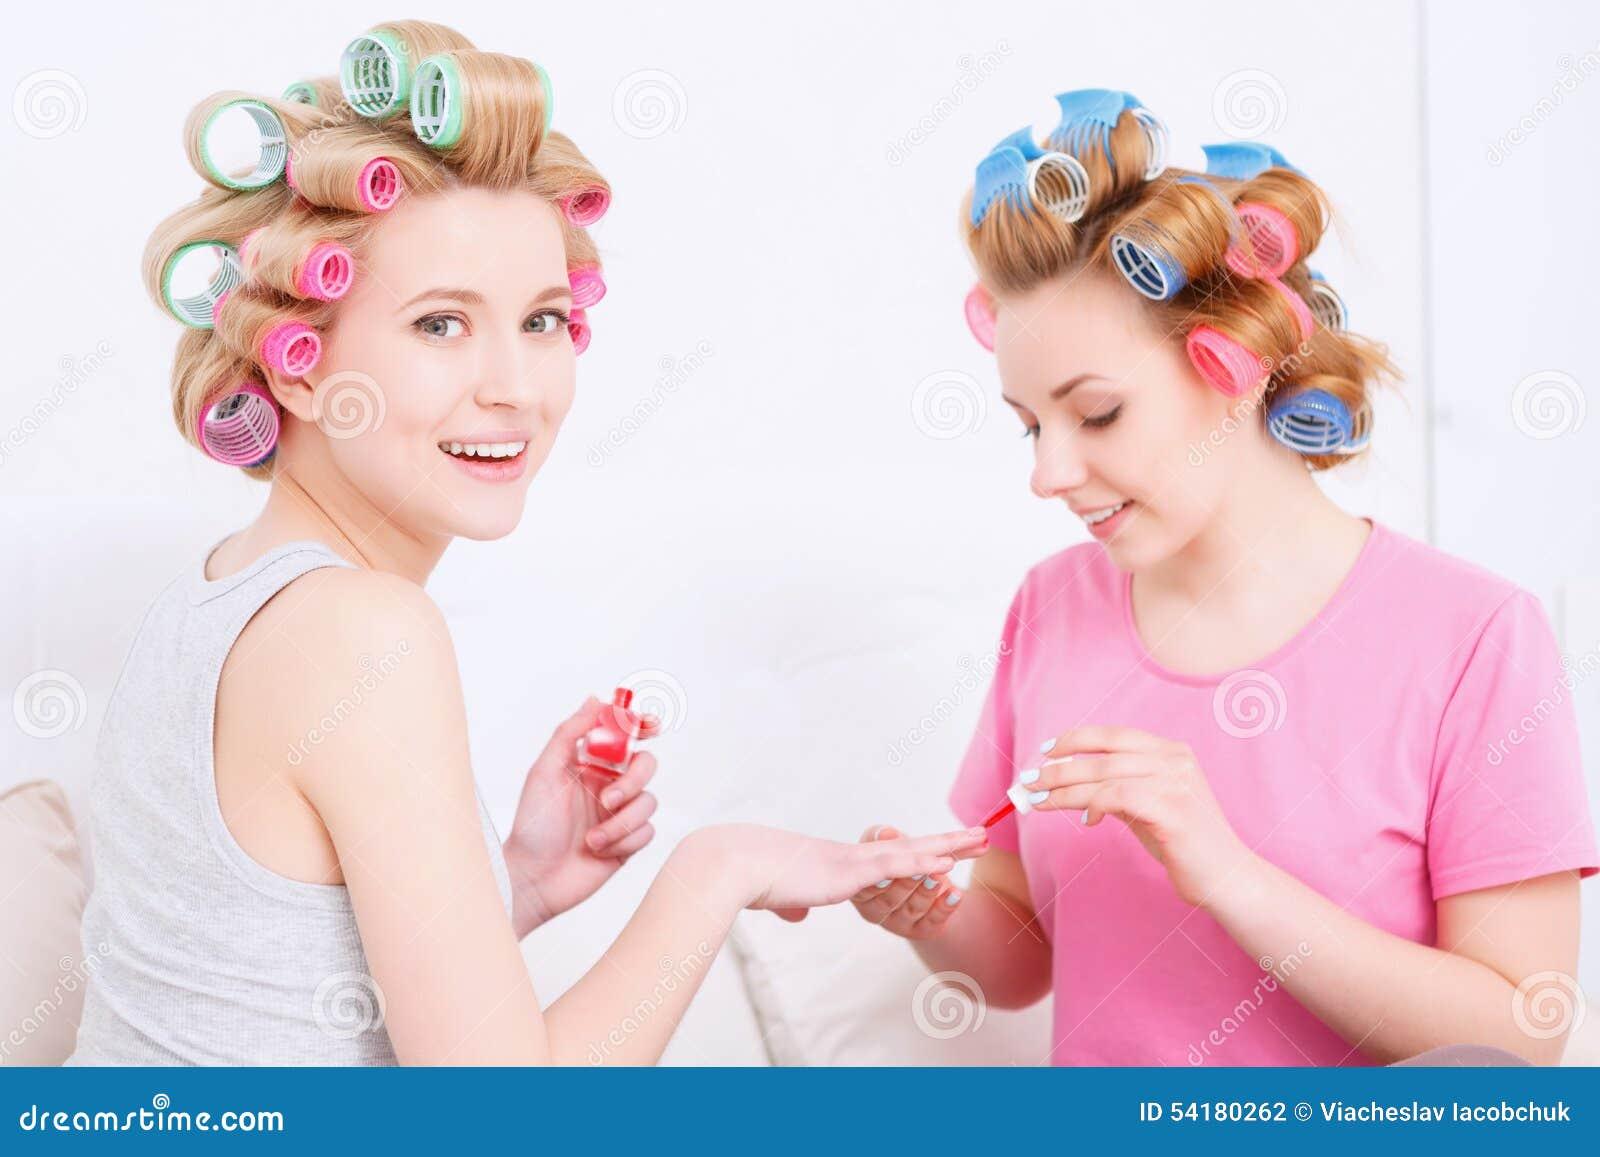 Making Nail Art At Pajama Party Stock Photo - Image of beauty, happy ...